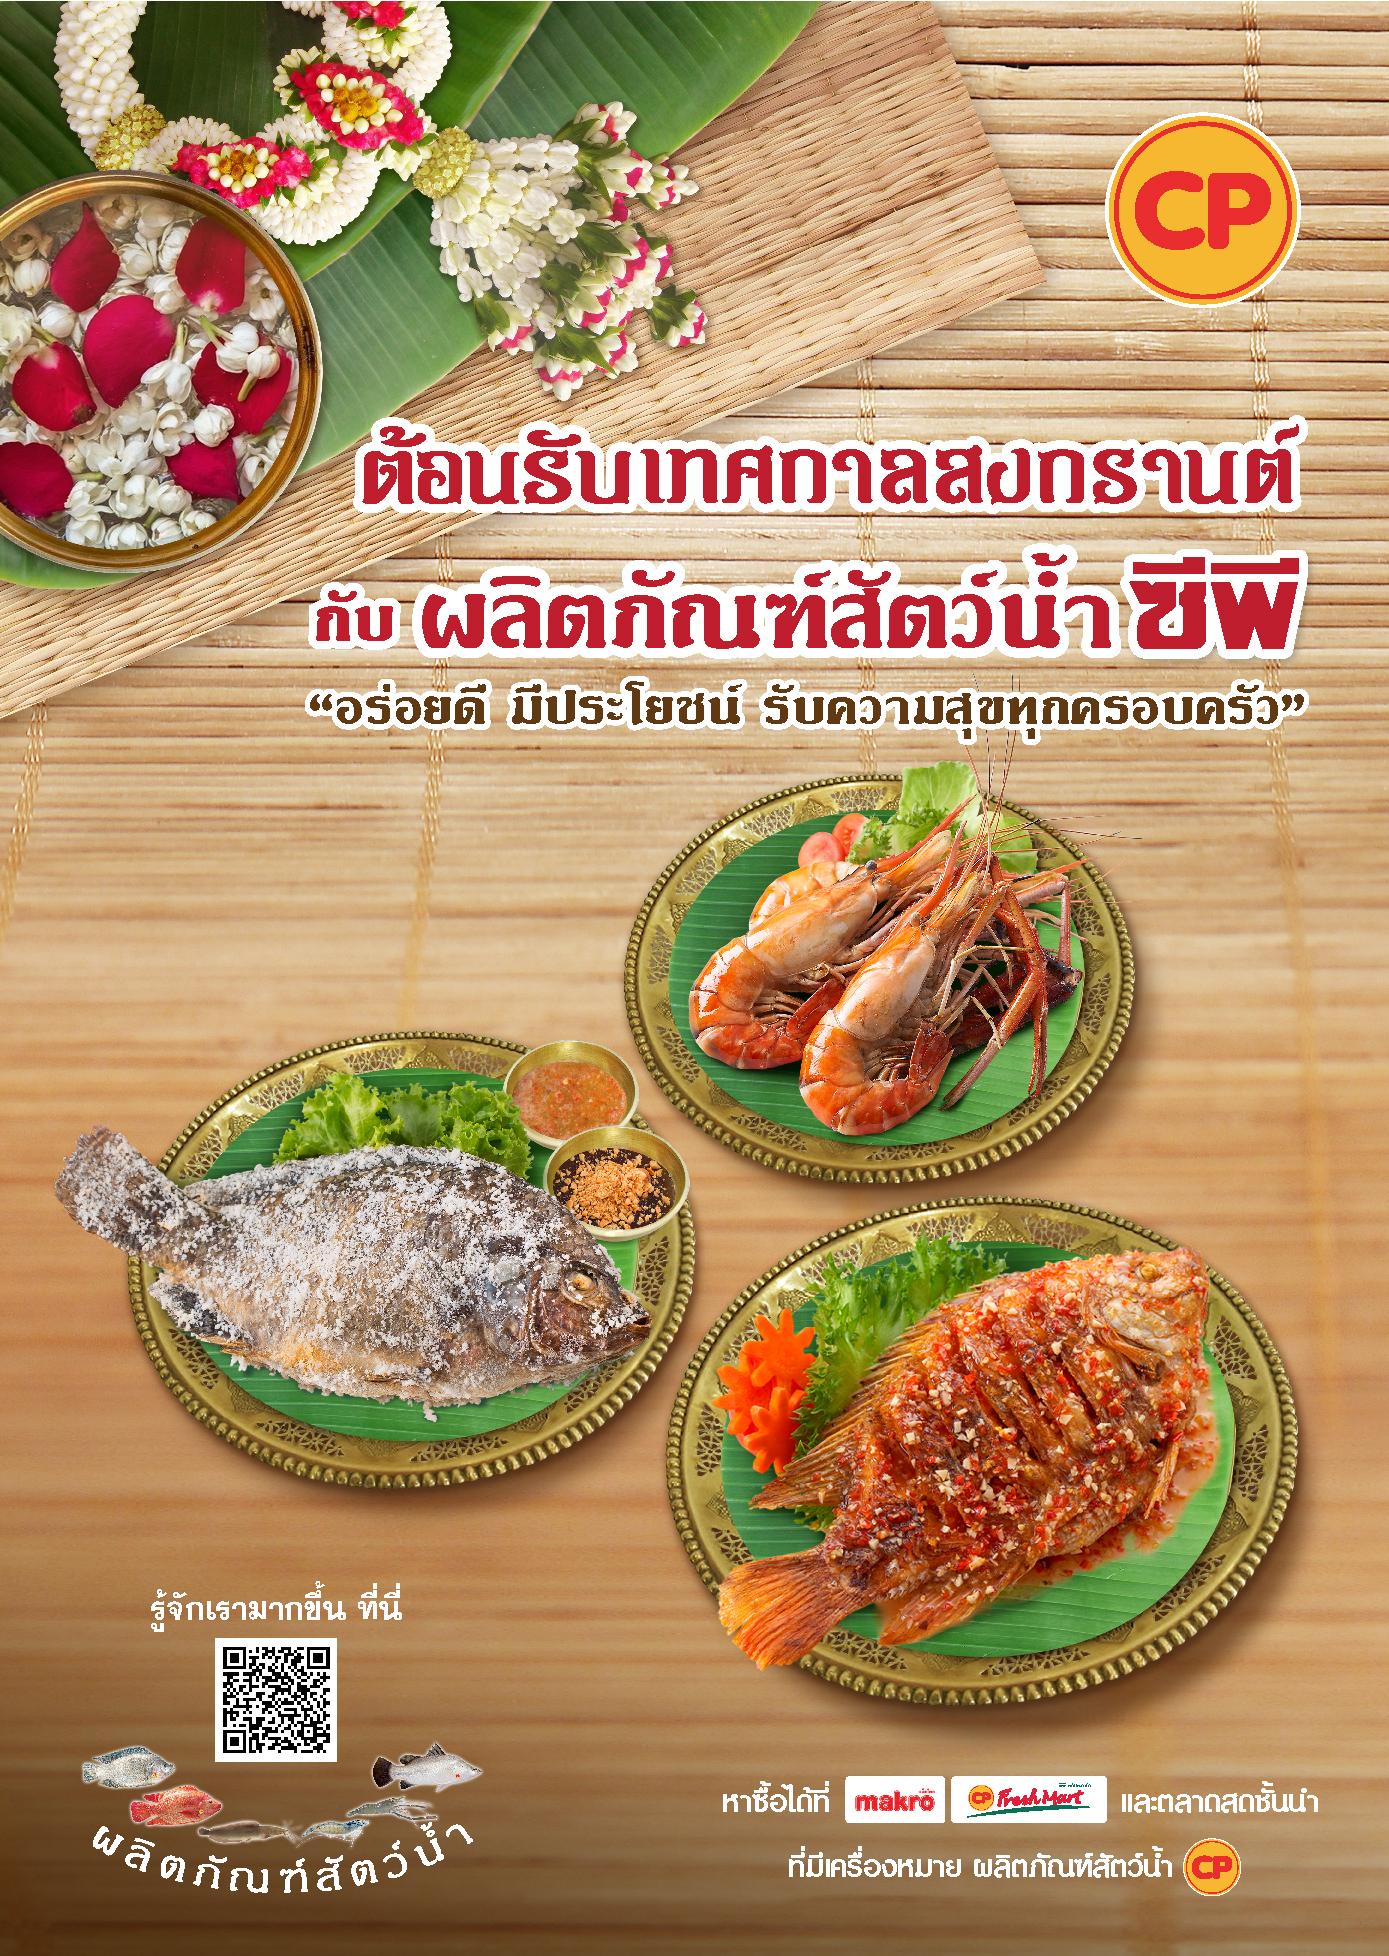 ต้อนรับเทศกาลสงกรานต์ อิ่ม อร่อย กับ เมนูปลา ซีพี เติมความสุขด้วยอาหารจานเด็ด ร่วมสืบสานประเพณีไทย สำนักพิมพ์แม่บ้าน